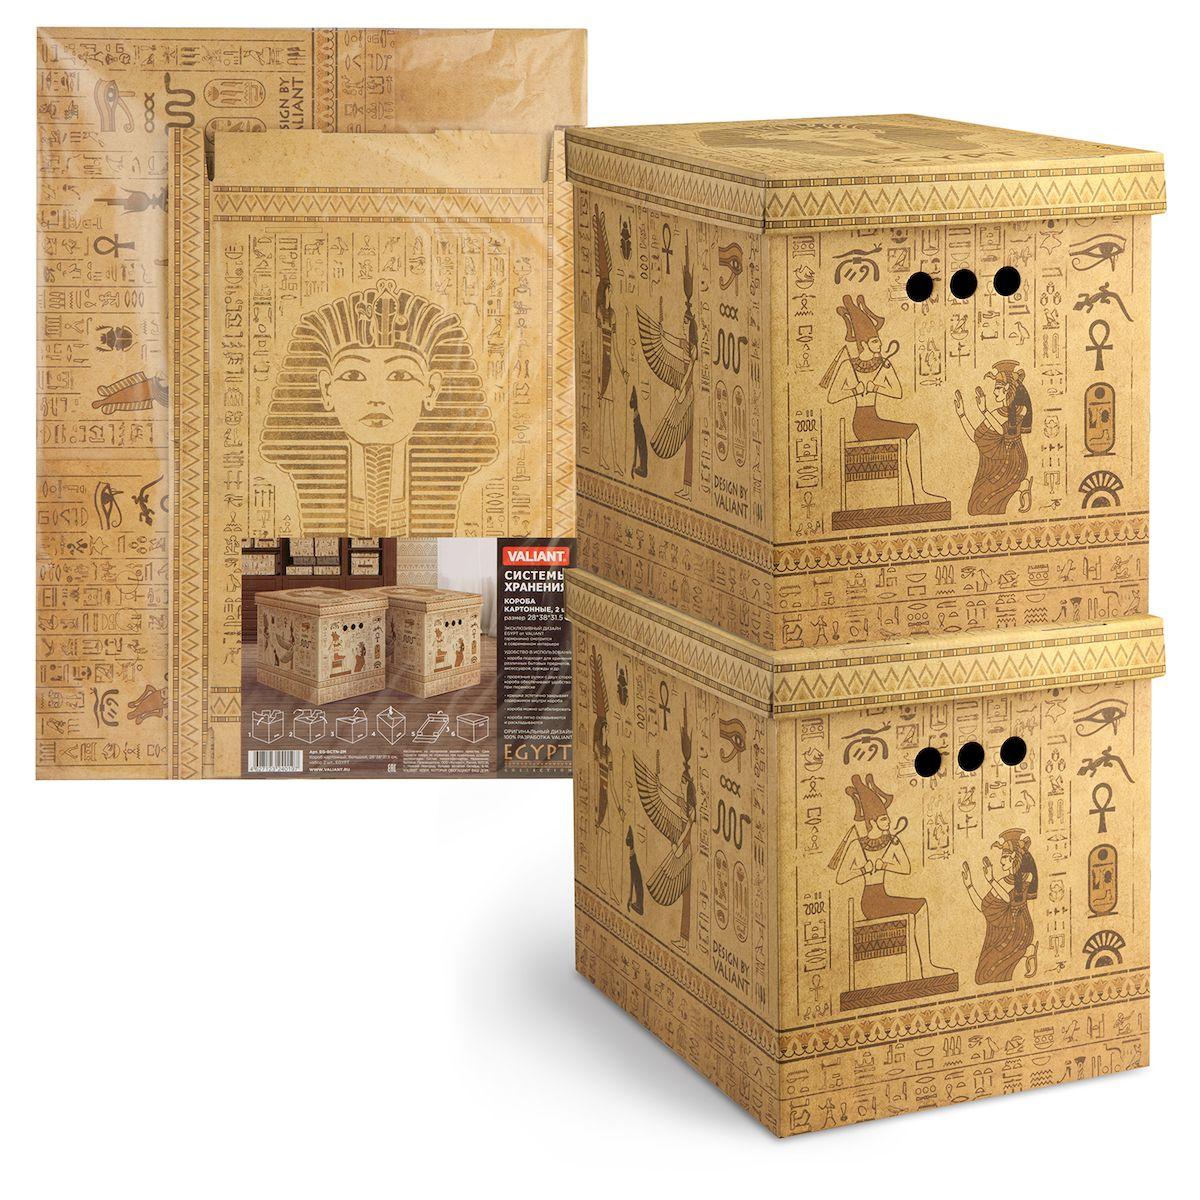 Короб для хранения Valiant Egypt, складной, 28 х 38 х 31,5 см, 2 штEG-BCTN-2MКороб для хранения Valiant Egypt изготовлен из картона. Изделие легко и быстро складывается. Оснащен крышкой и тремя отверстиями, которые позволяют удобно его выдвигать. Такой короб прекрасно подойдет для хранения бытовых мелочей, аксессуаров для рукоделия и других мелких предметов. С ним все мелкие вещи будут храниться аккуратно и не потеряются. Размер изделия (в собранном виде): 28 х 38 х 31,5 см.